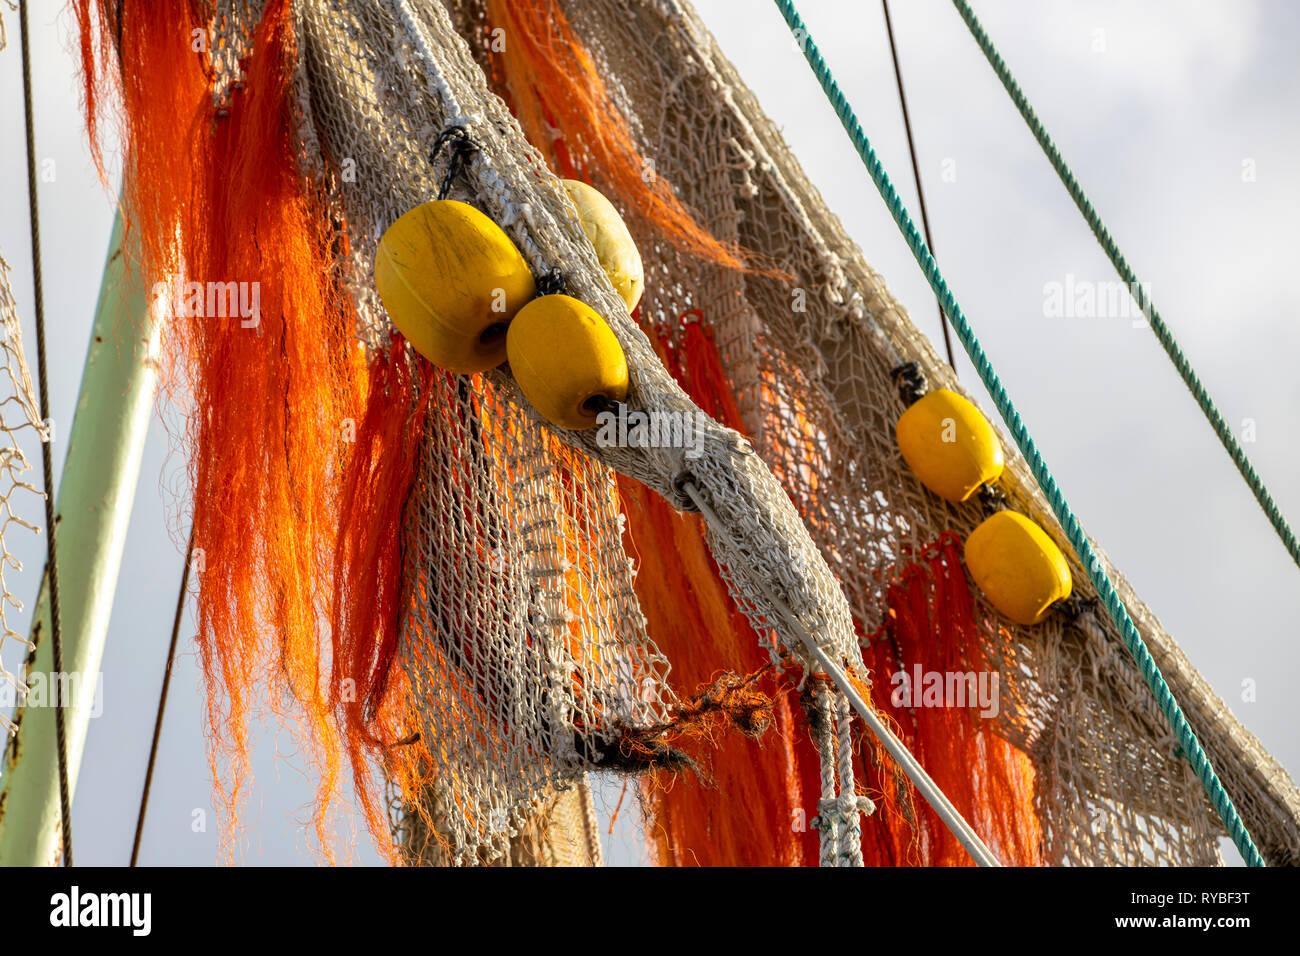 Netze, Detail im Fischereihafen von Greetsiel, Ostfriesland, Niedersachsen, Fischkutter, Krabbenkutter liegen im Hafen, Stock Photo